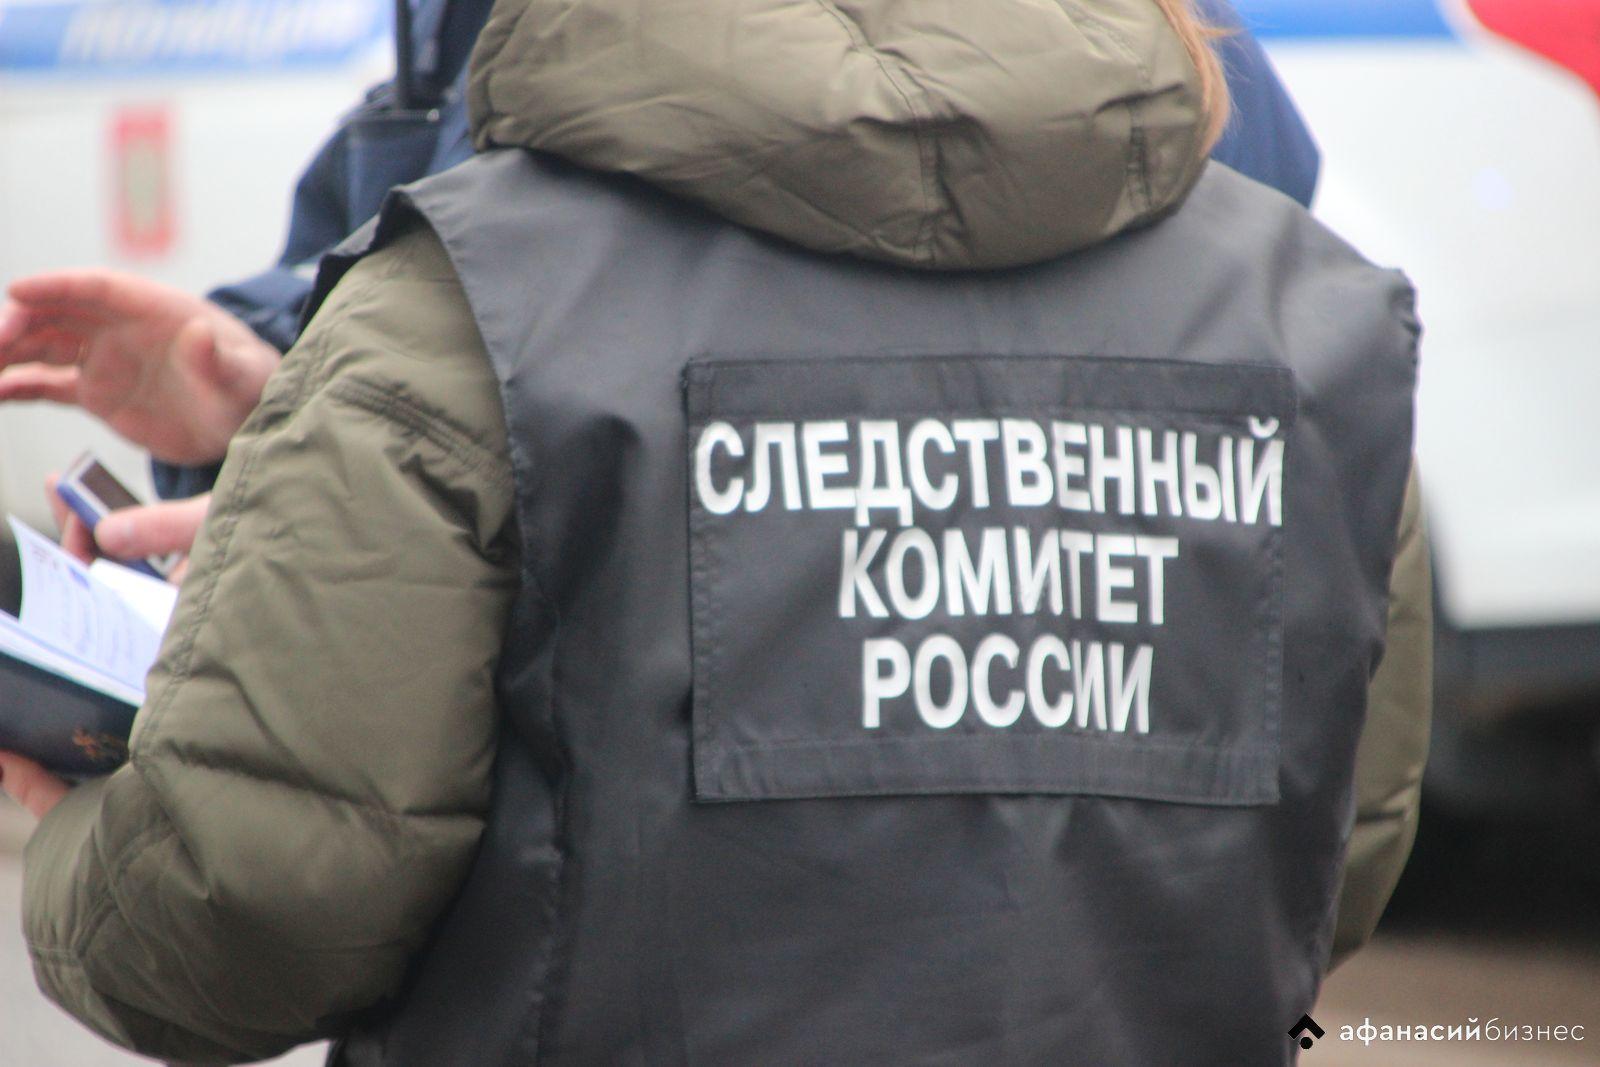 Следователи проверяют информацию об издевательстве над грудным ребенком в Тверской области - новости Афанасий